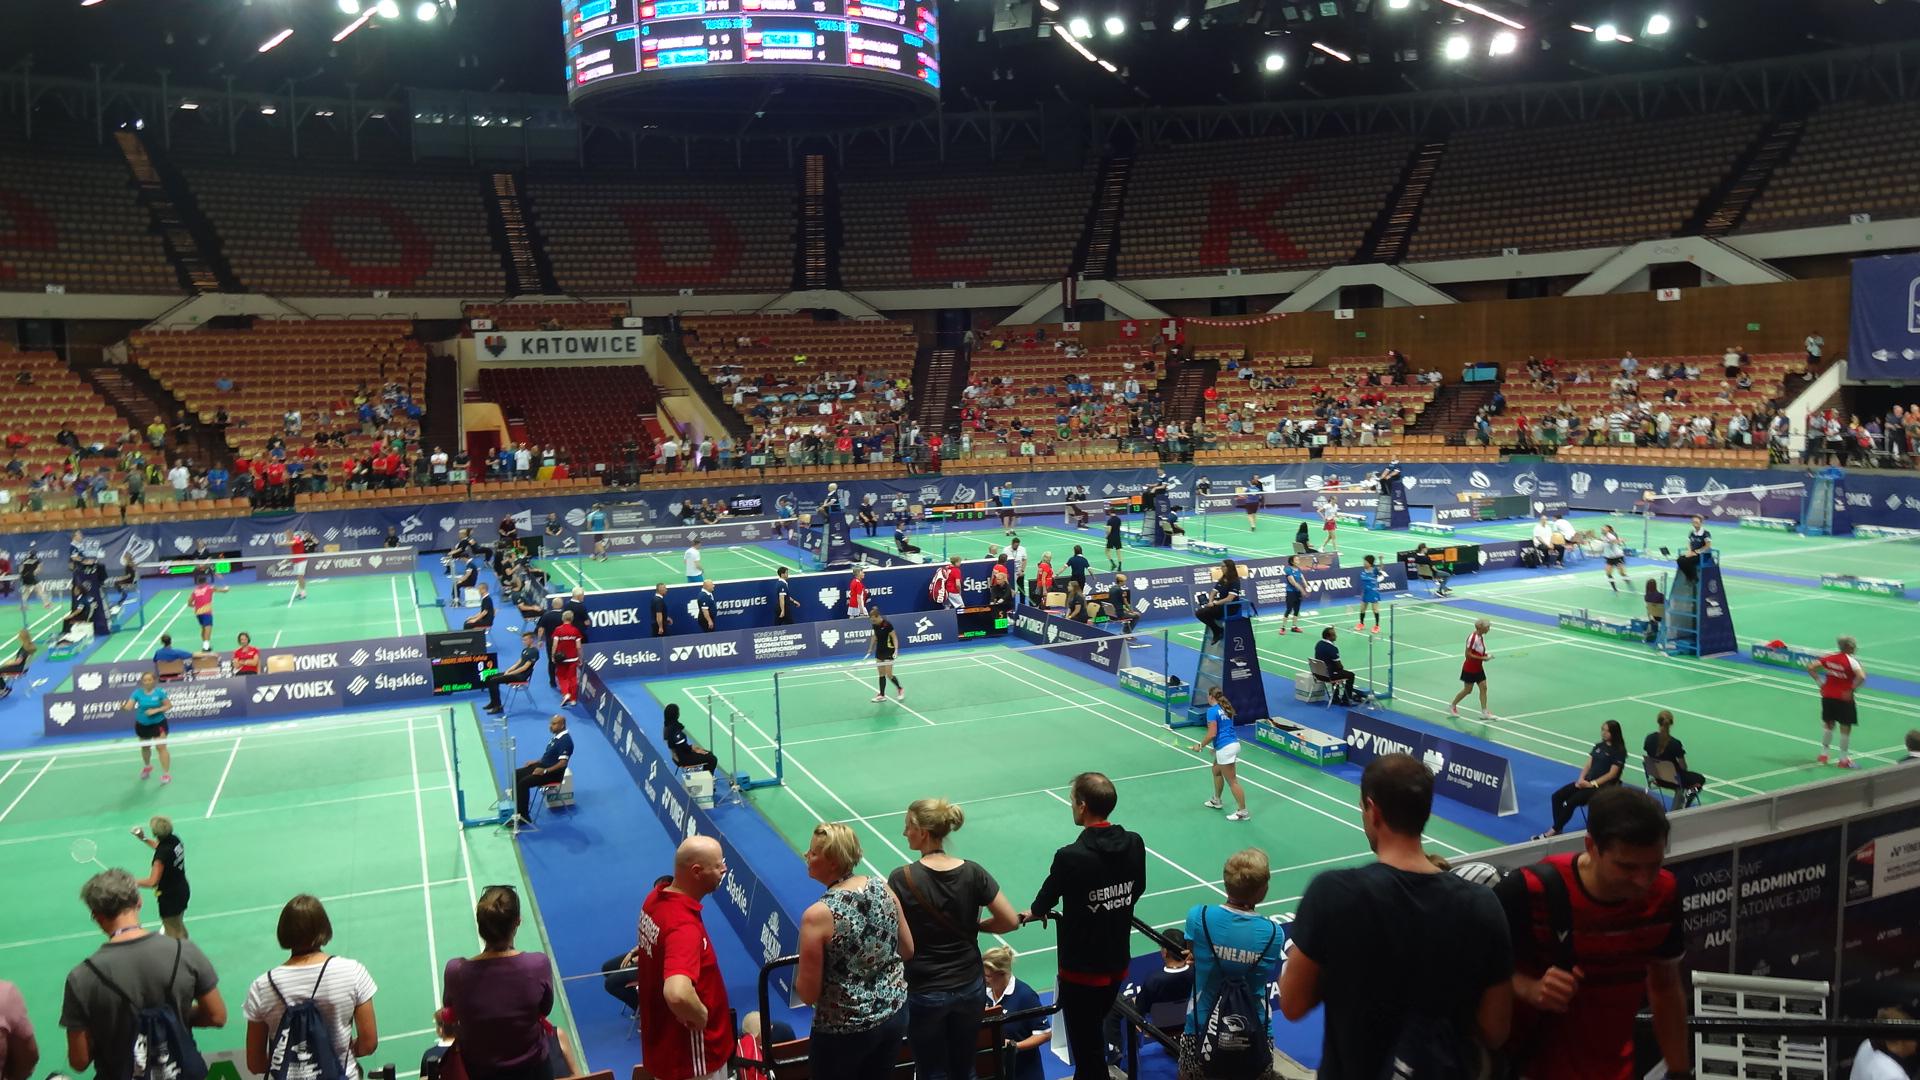 Spodek Arena, Katowice